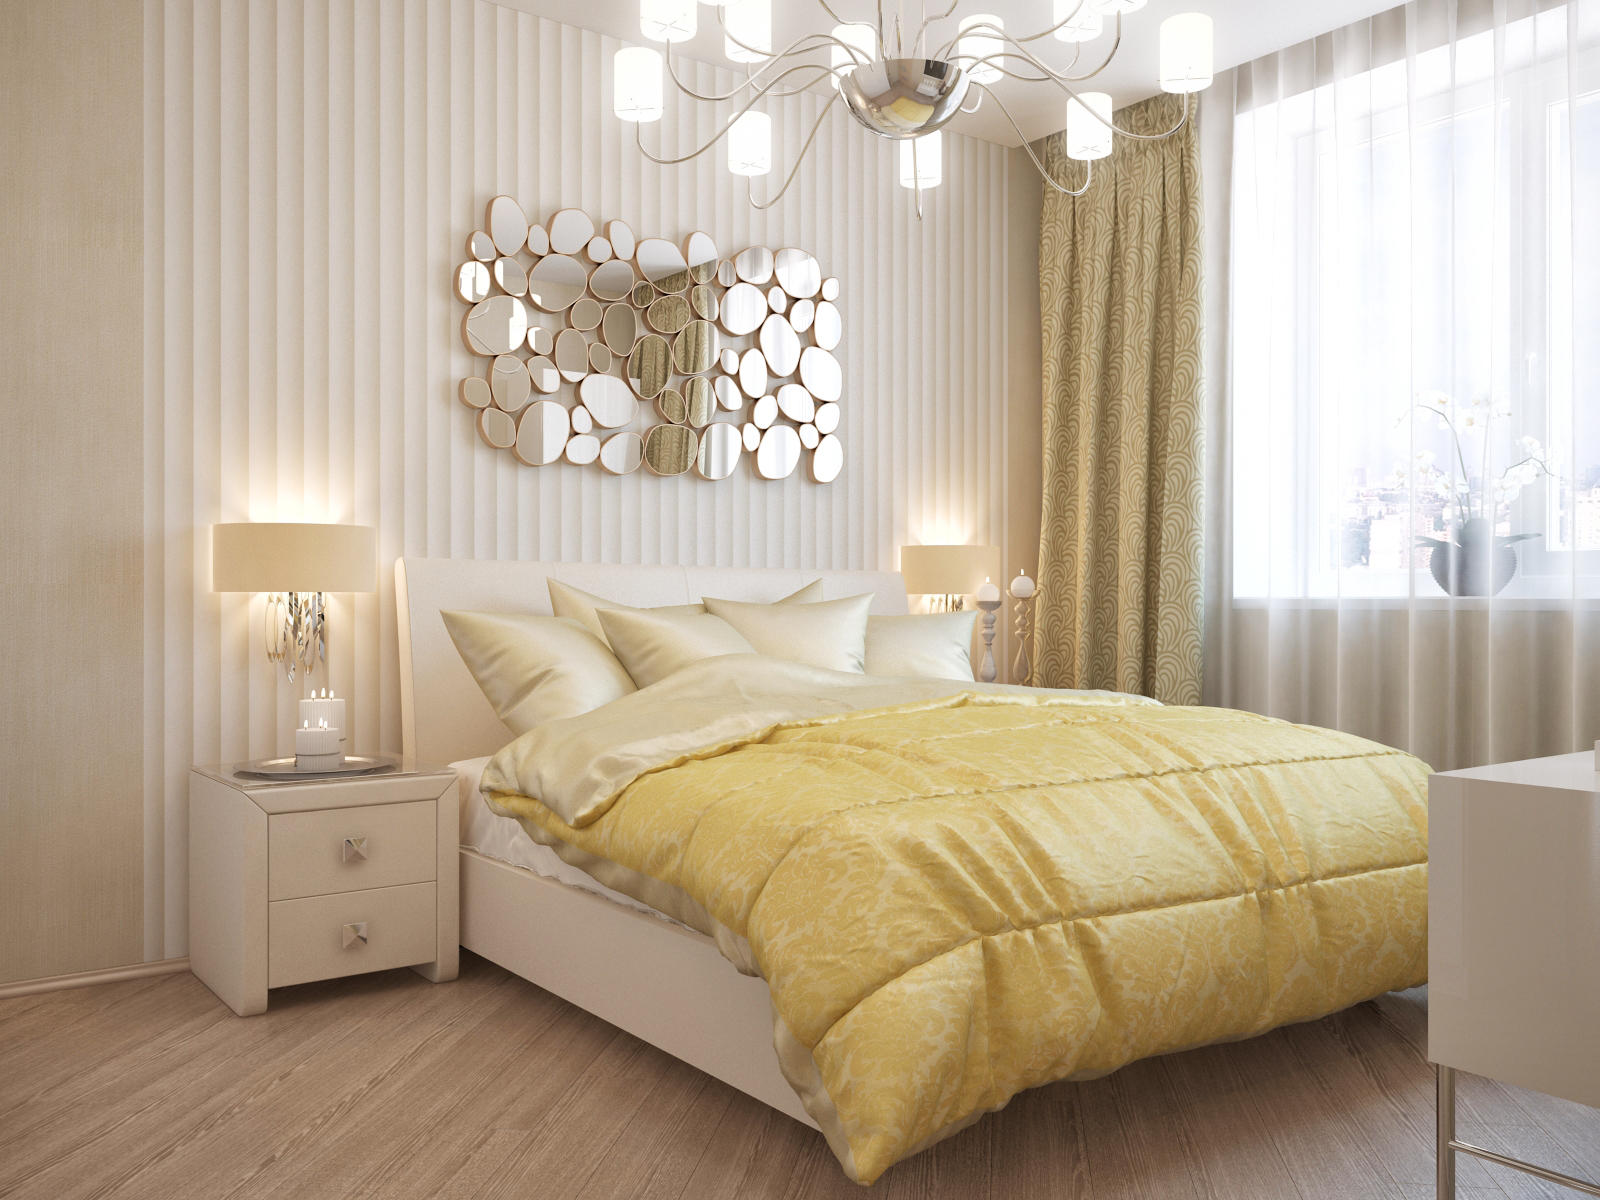 достаточно простое идеи оформления спальни обои фото некоторых